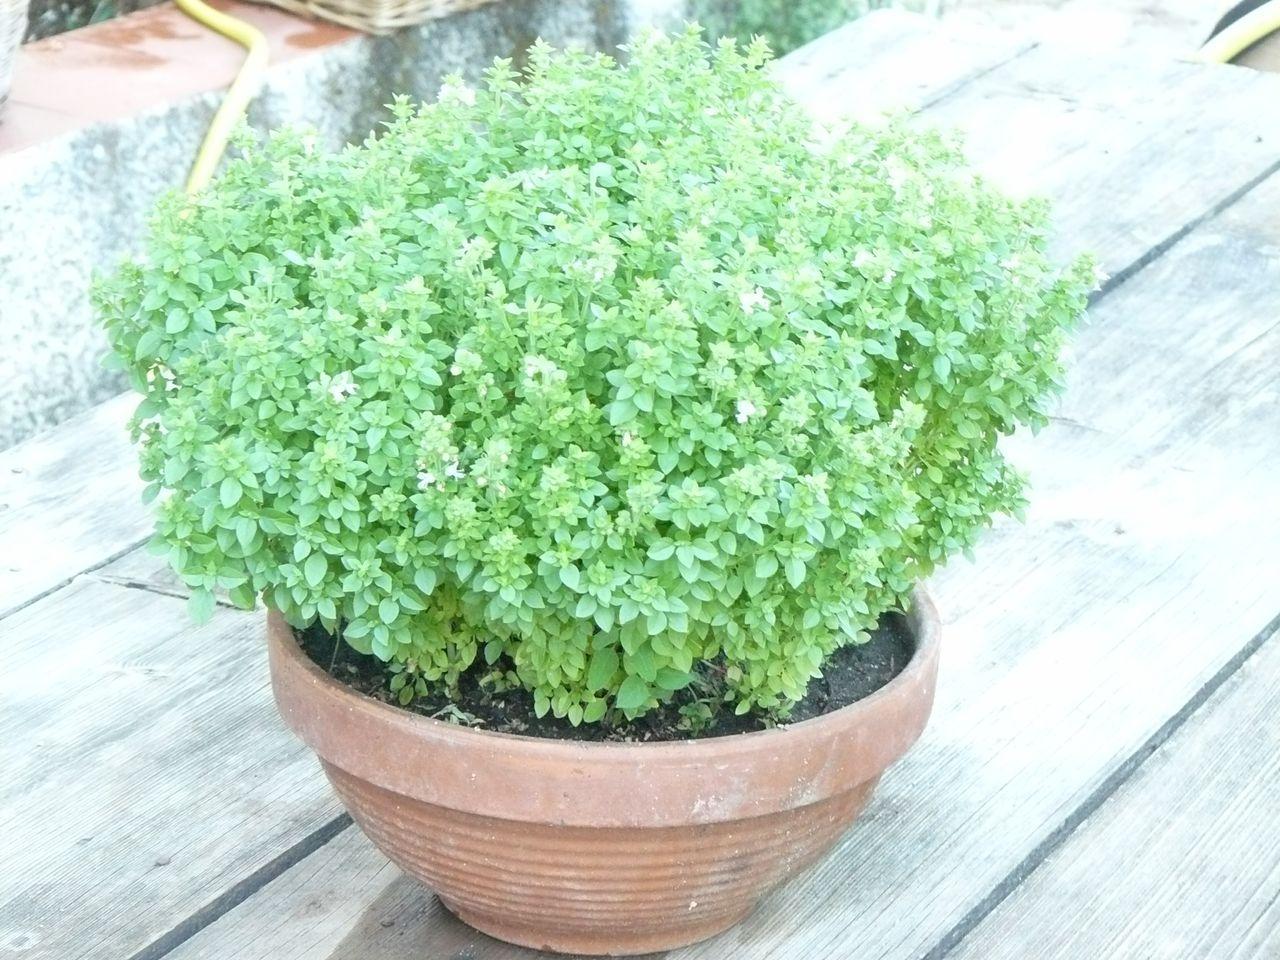 pianta aromatica in vaso